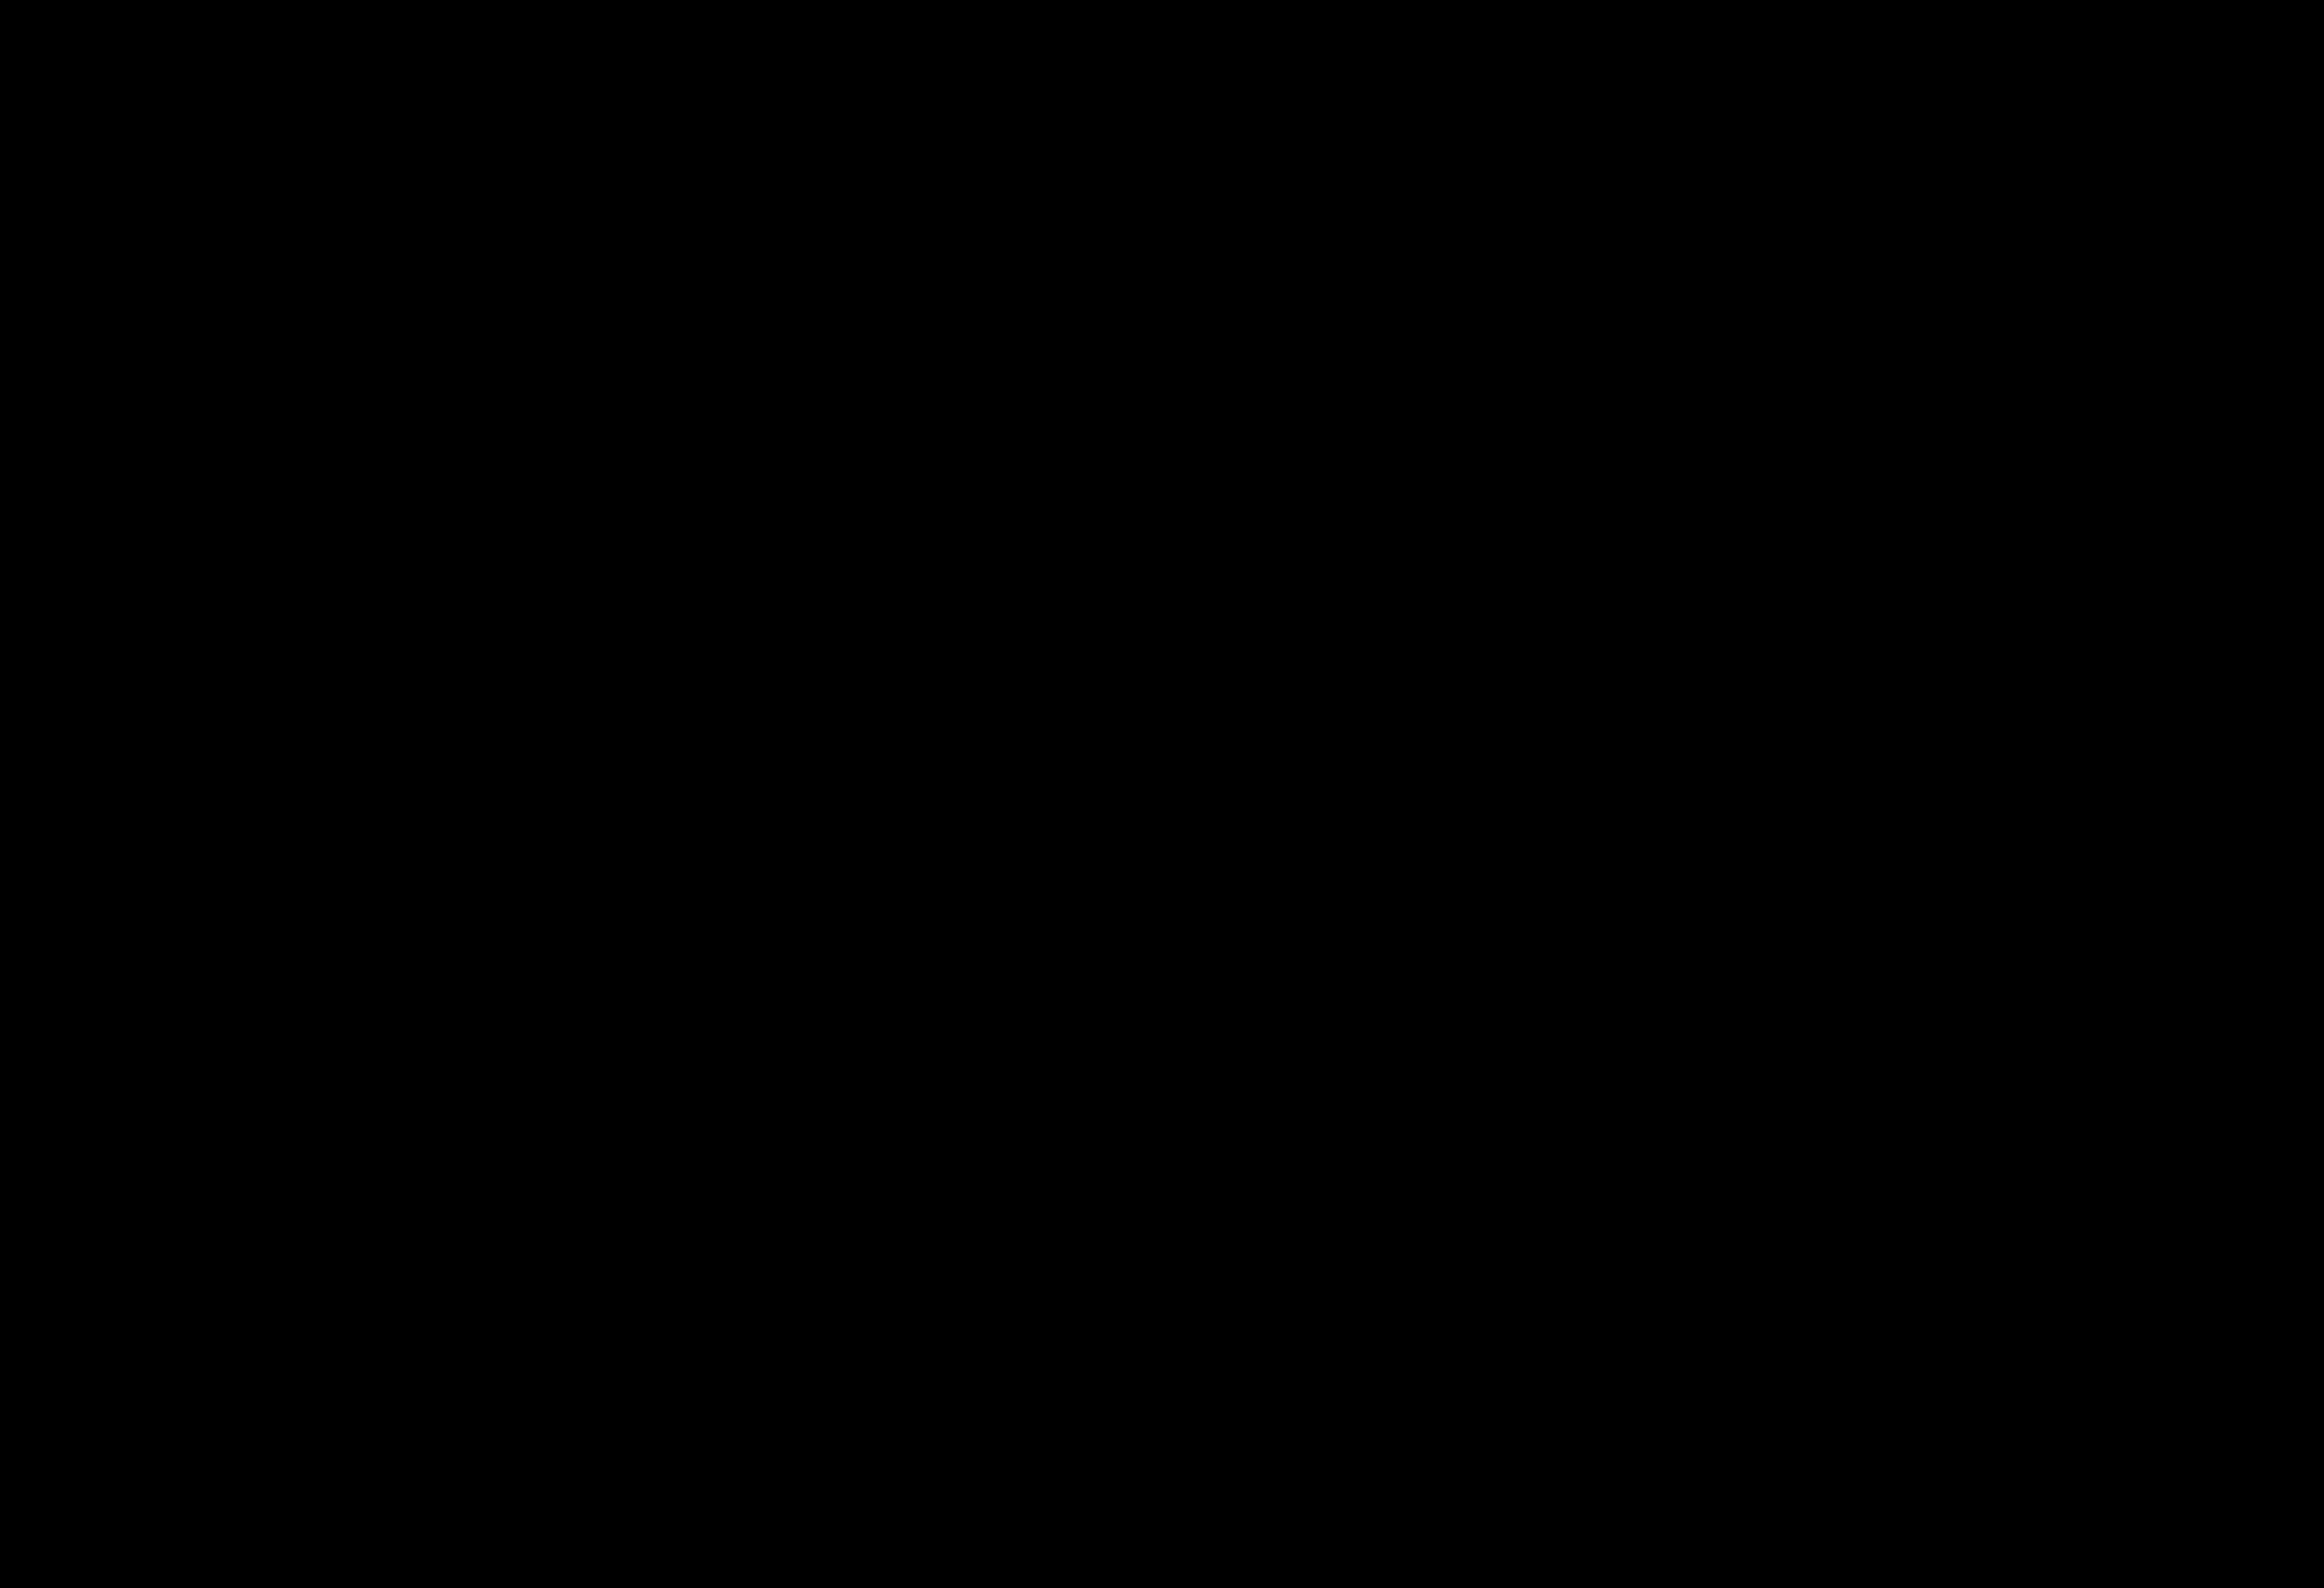 OriLogo-black-png.png